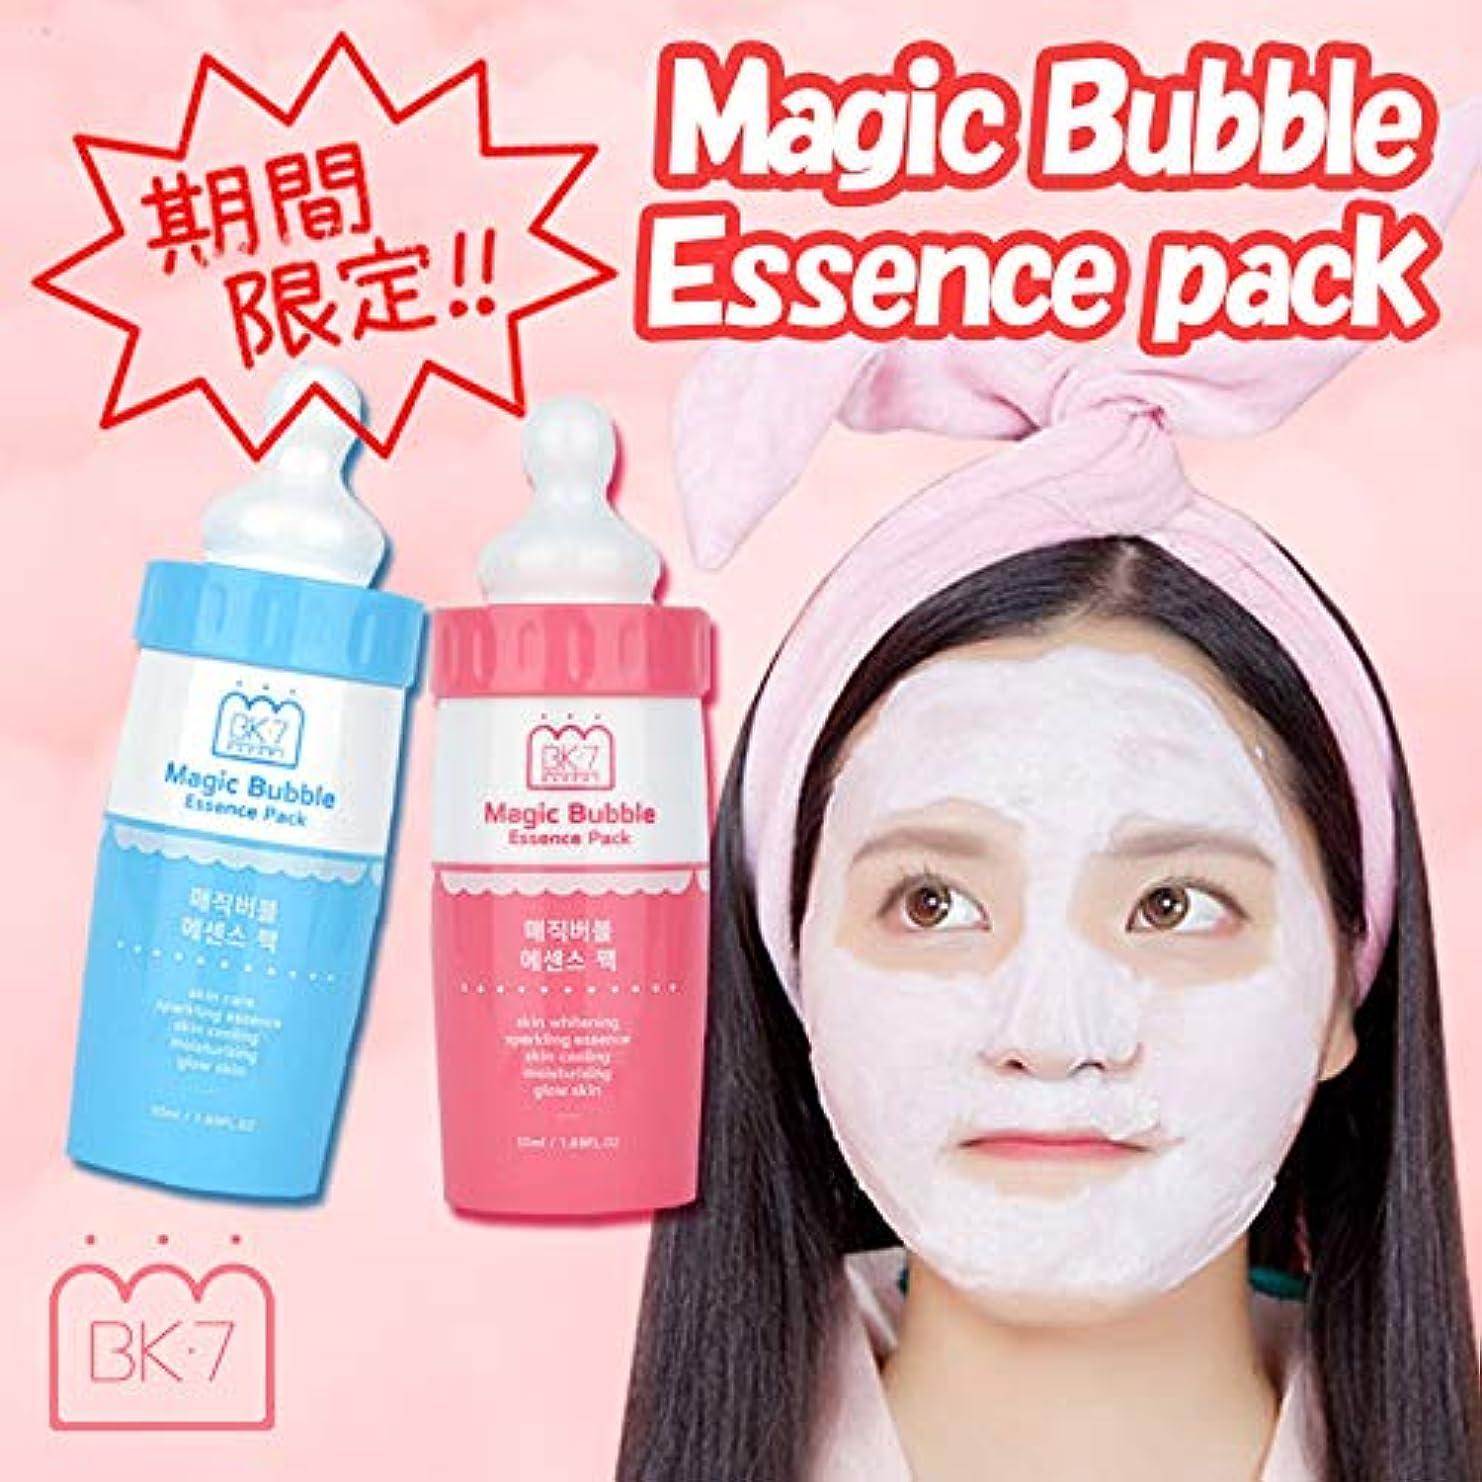 中古力強い成功★再入荷★発売3週間で売り切れ★マジックバブルエッセンスパック for WHITE Magic Bubble Essenve Pack for WHITE / 洗い流さなくてもいい炭酸パック/炭酸パック/バブルパック